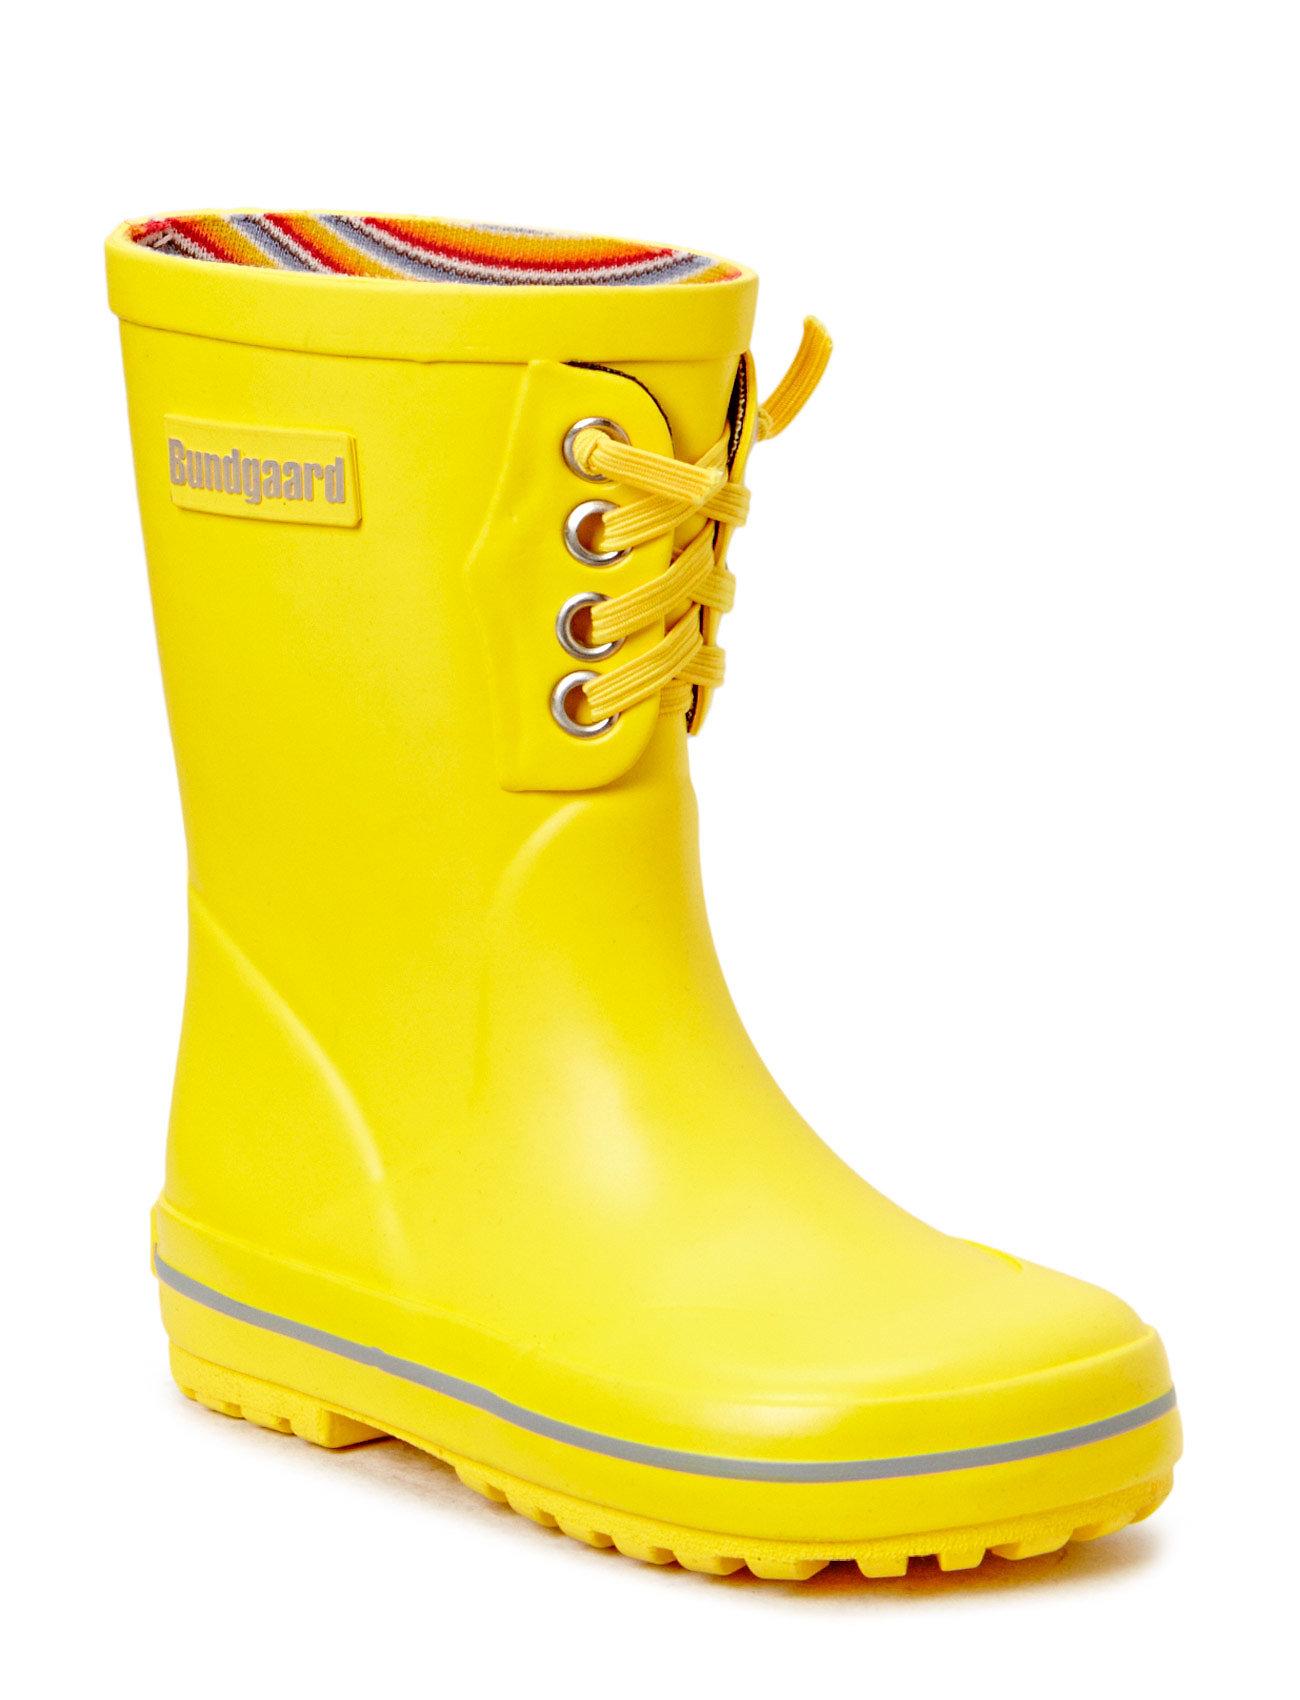 Bundgaard Classic Rubber Boot Yellow